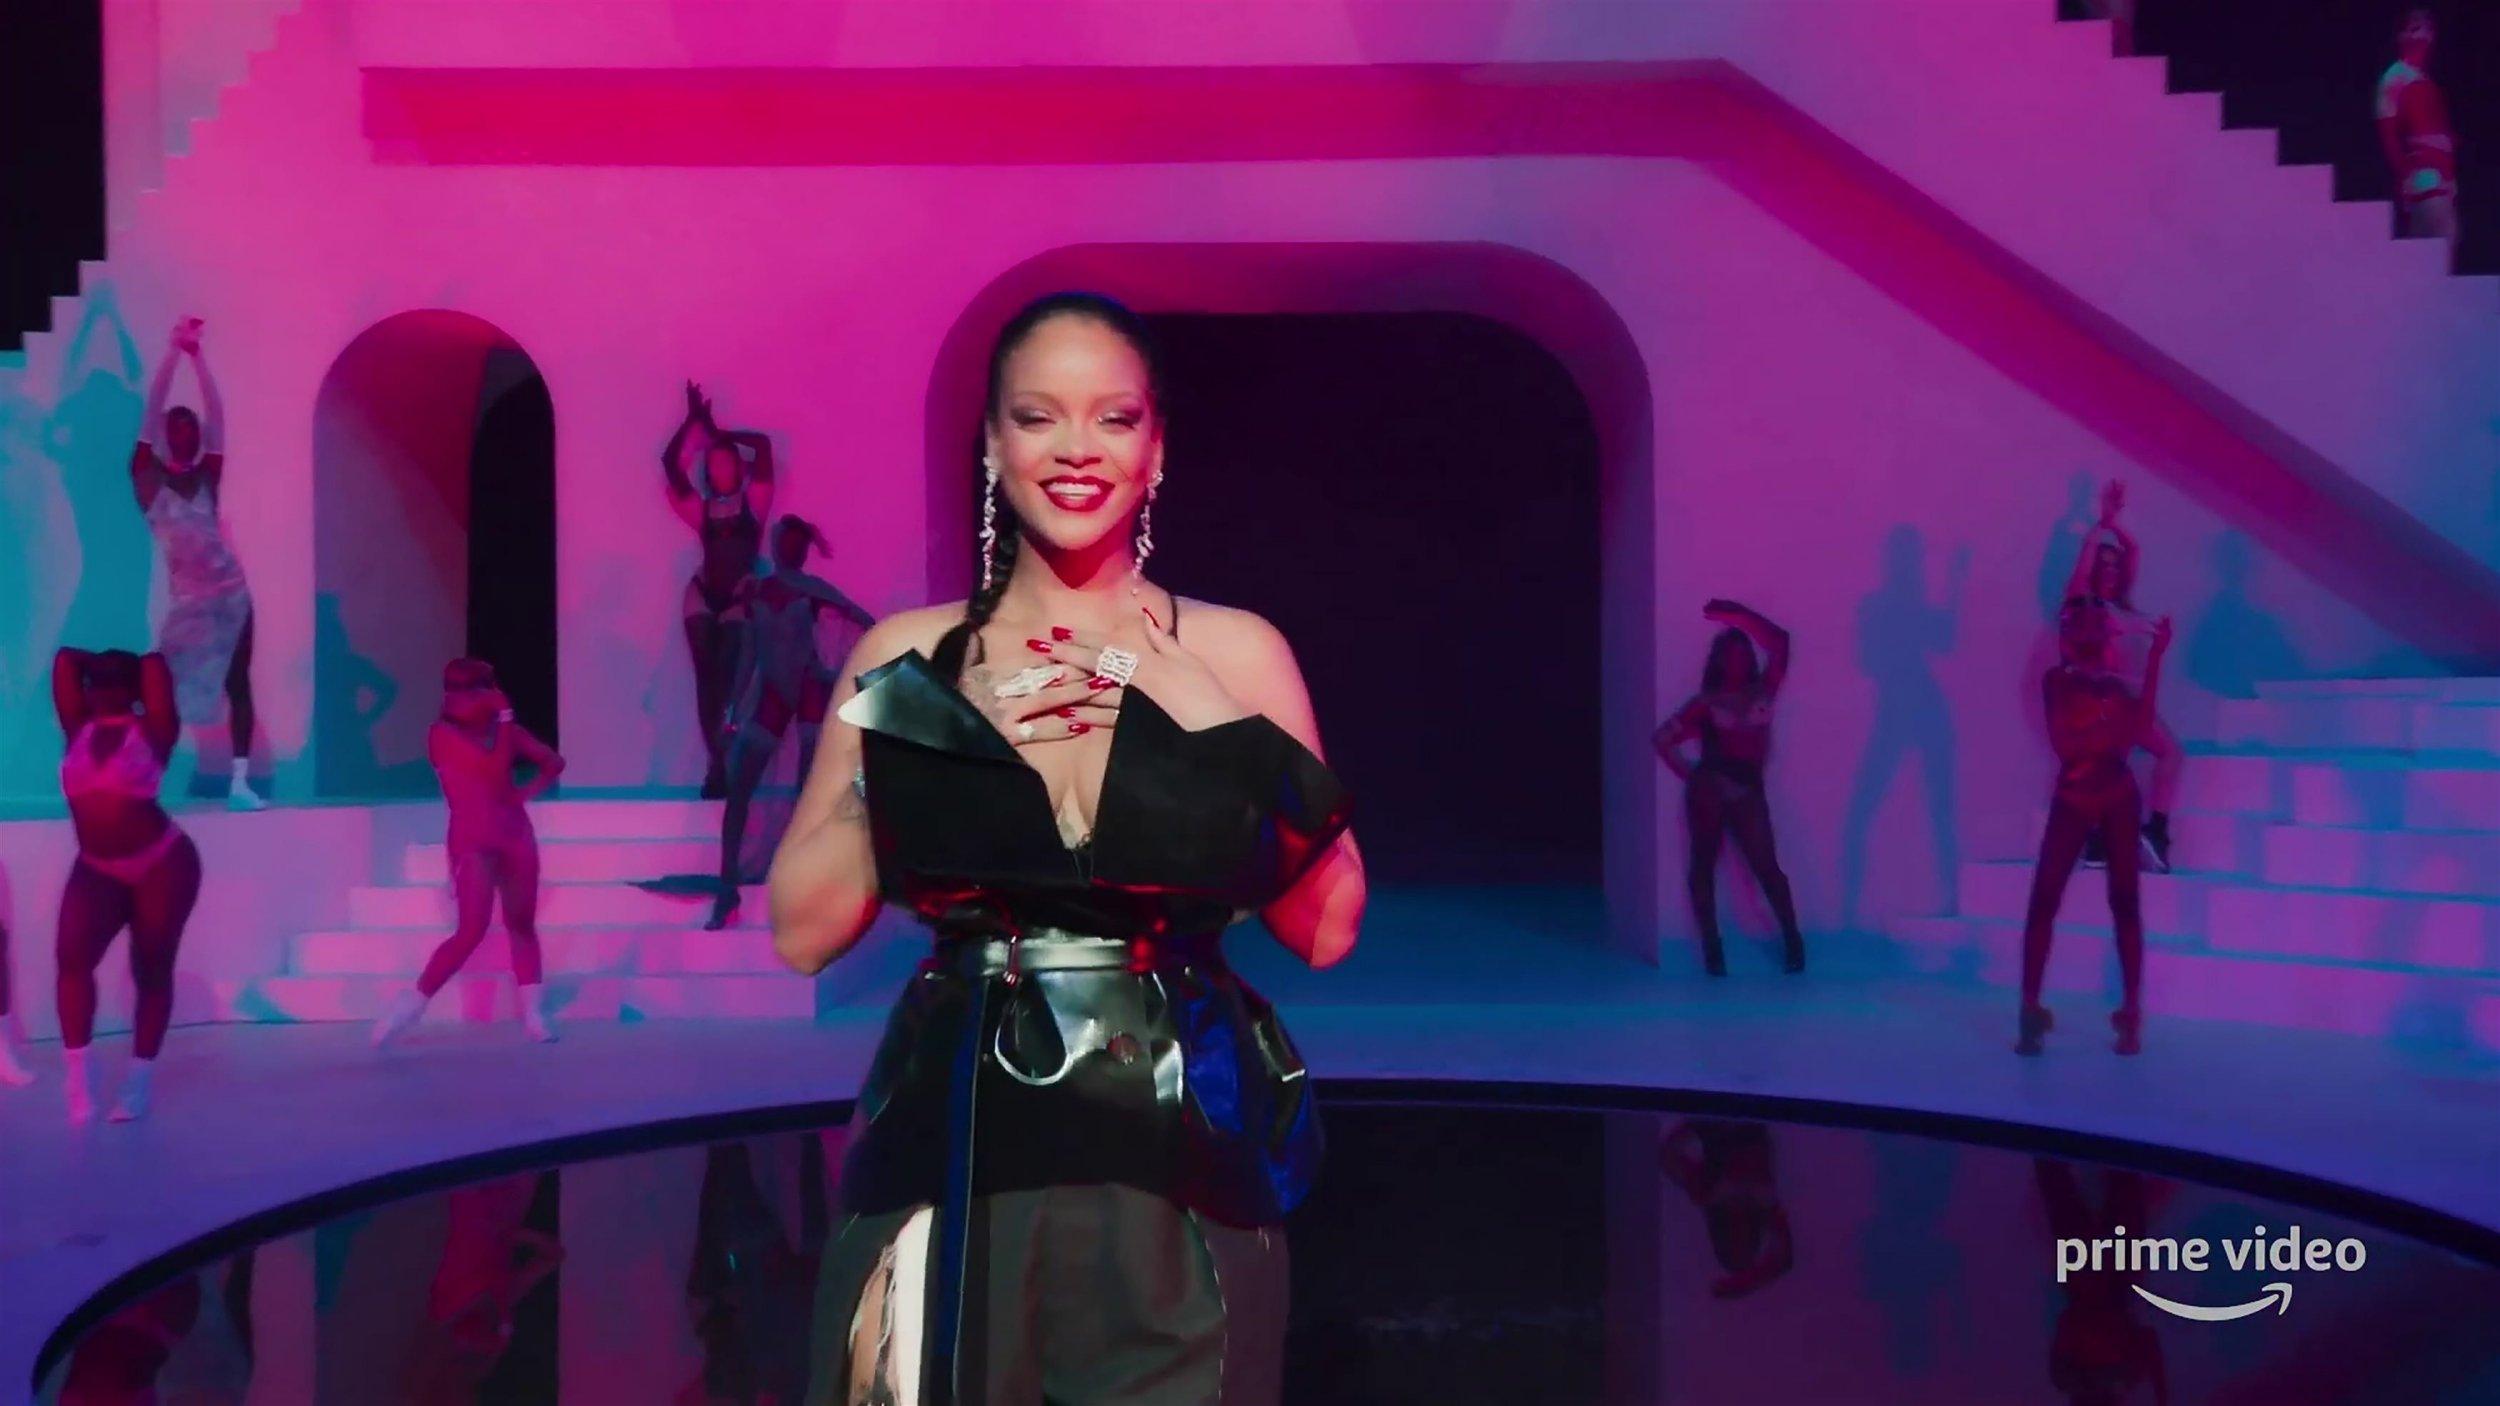 Rihanna models Savage x Fenty underwear as show streams on